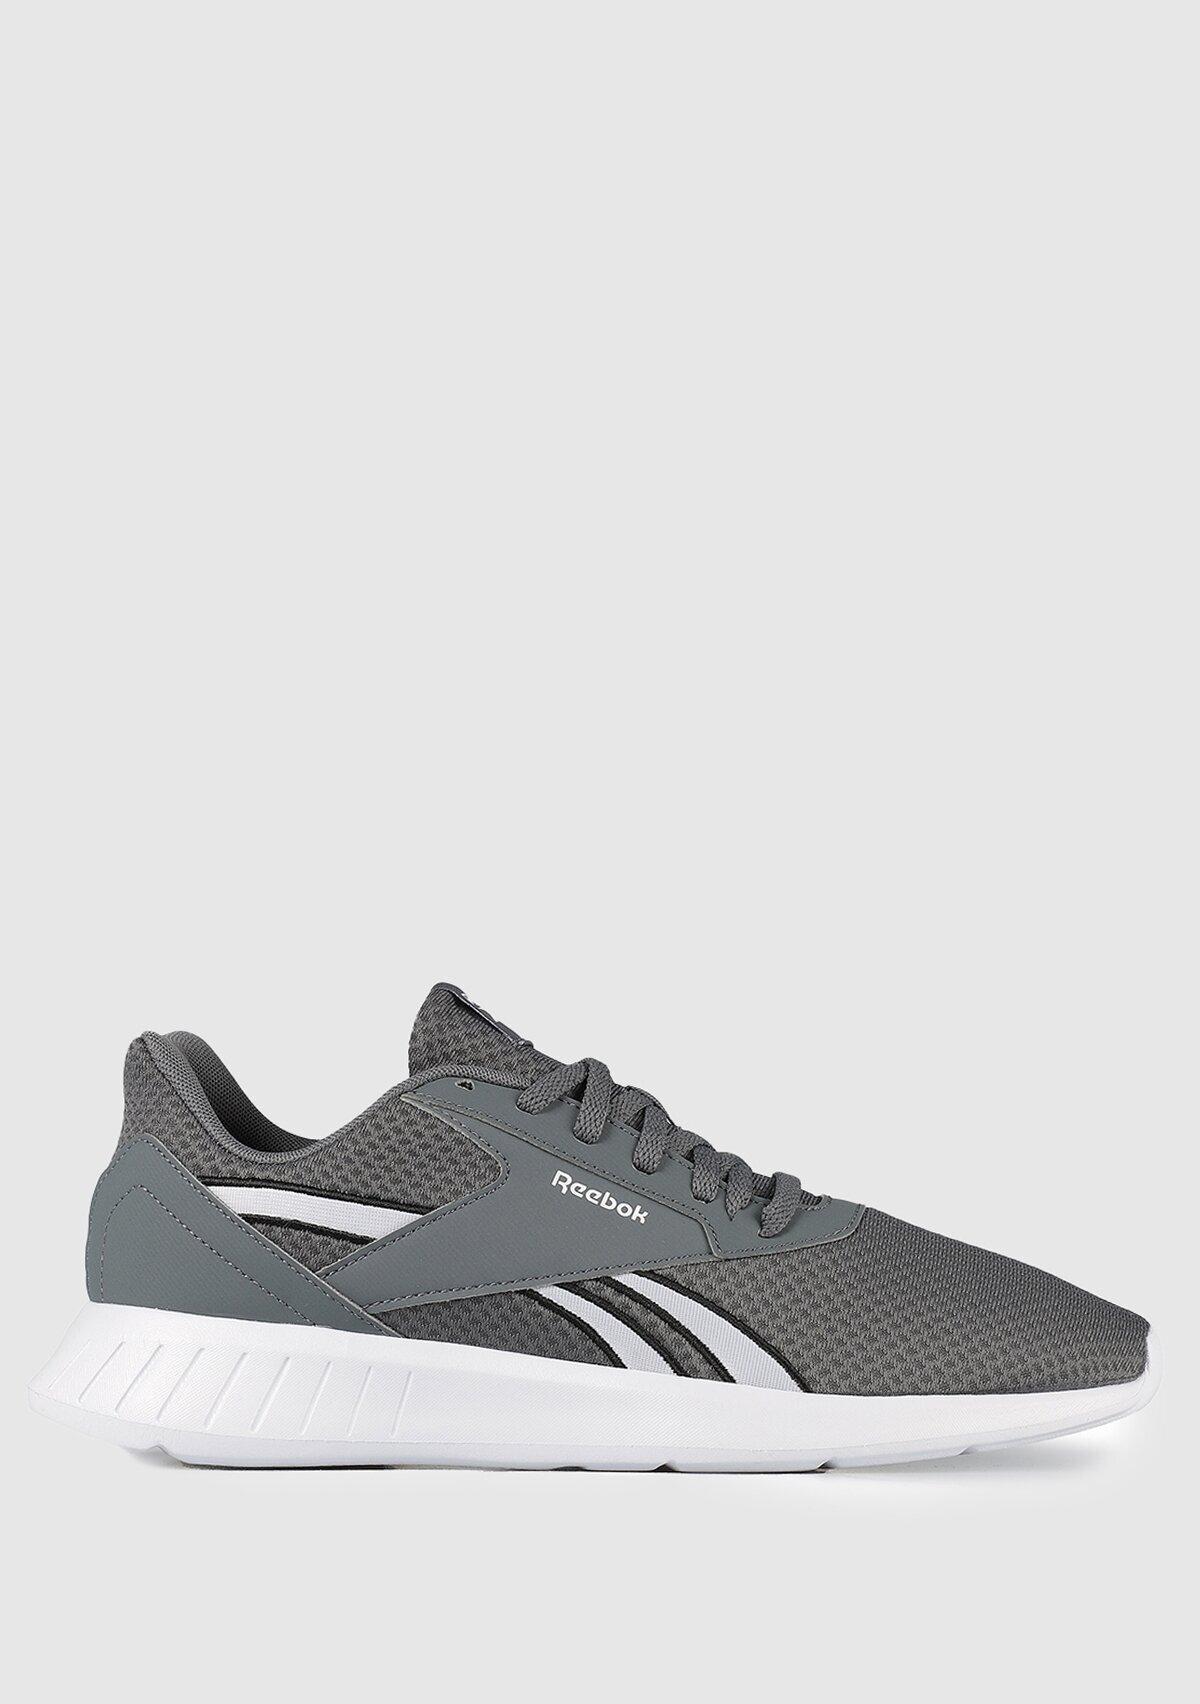 resm Lite 2.0 Gri Erkek Koşu Ayakkabısı Fu8553